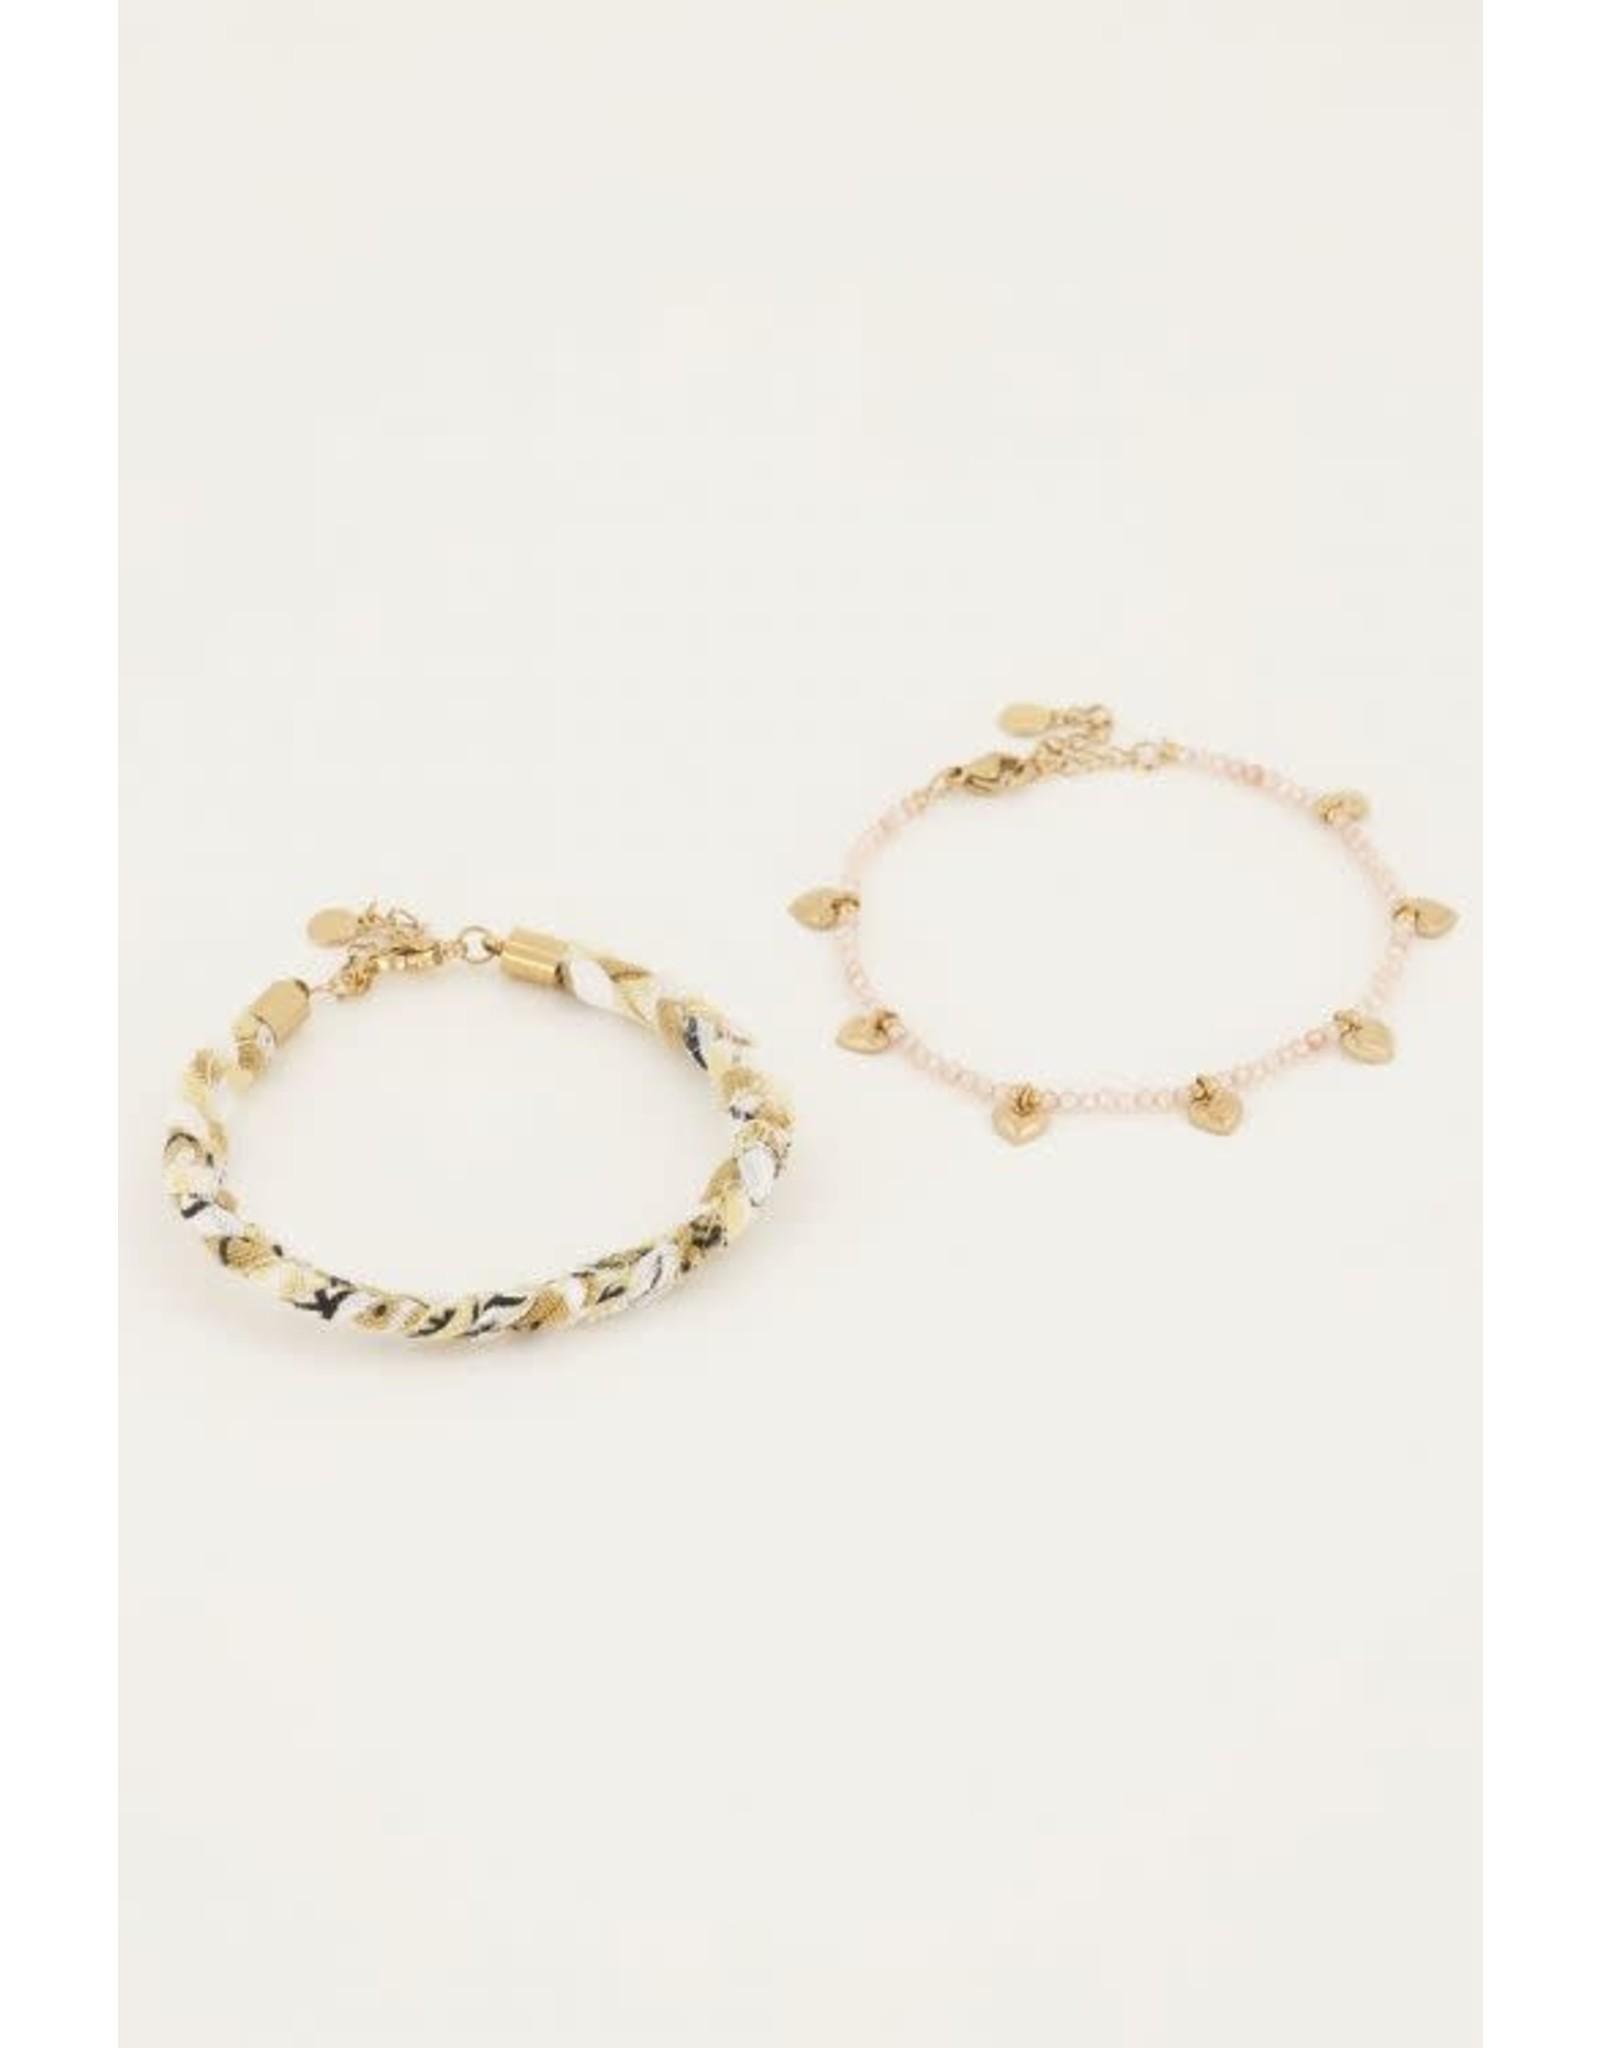 My Jewellery My Jewellery beige gevlochten armbanden set